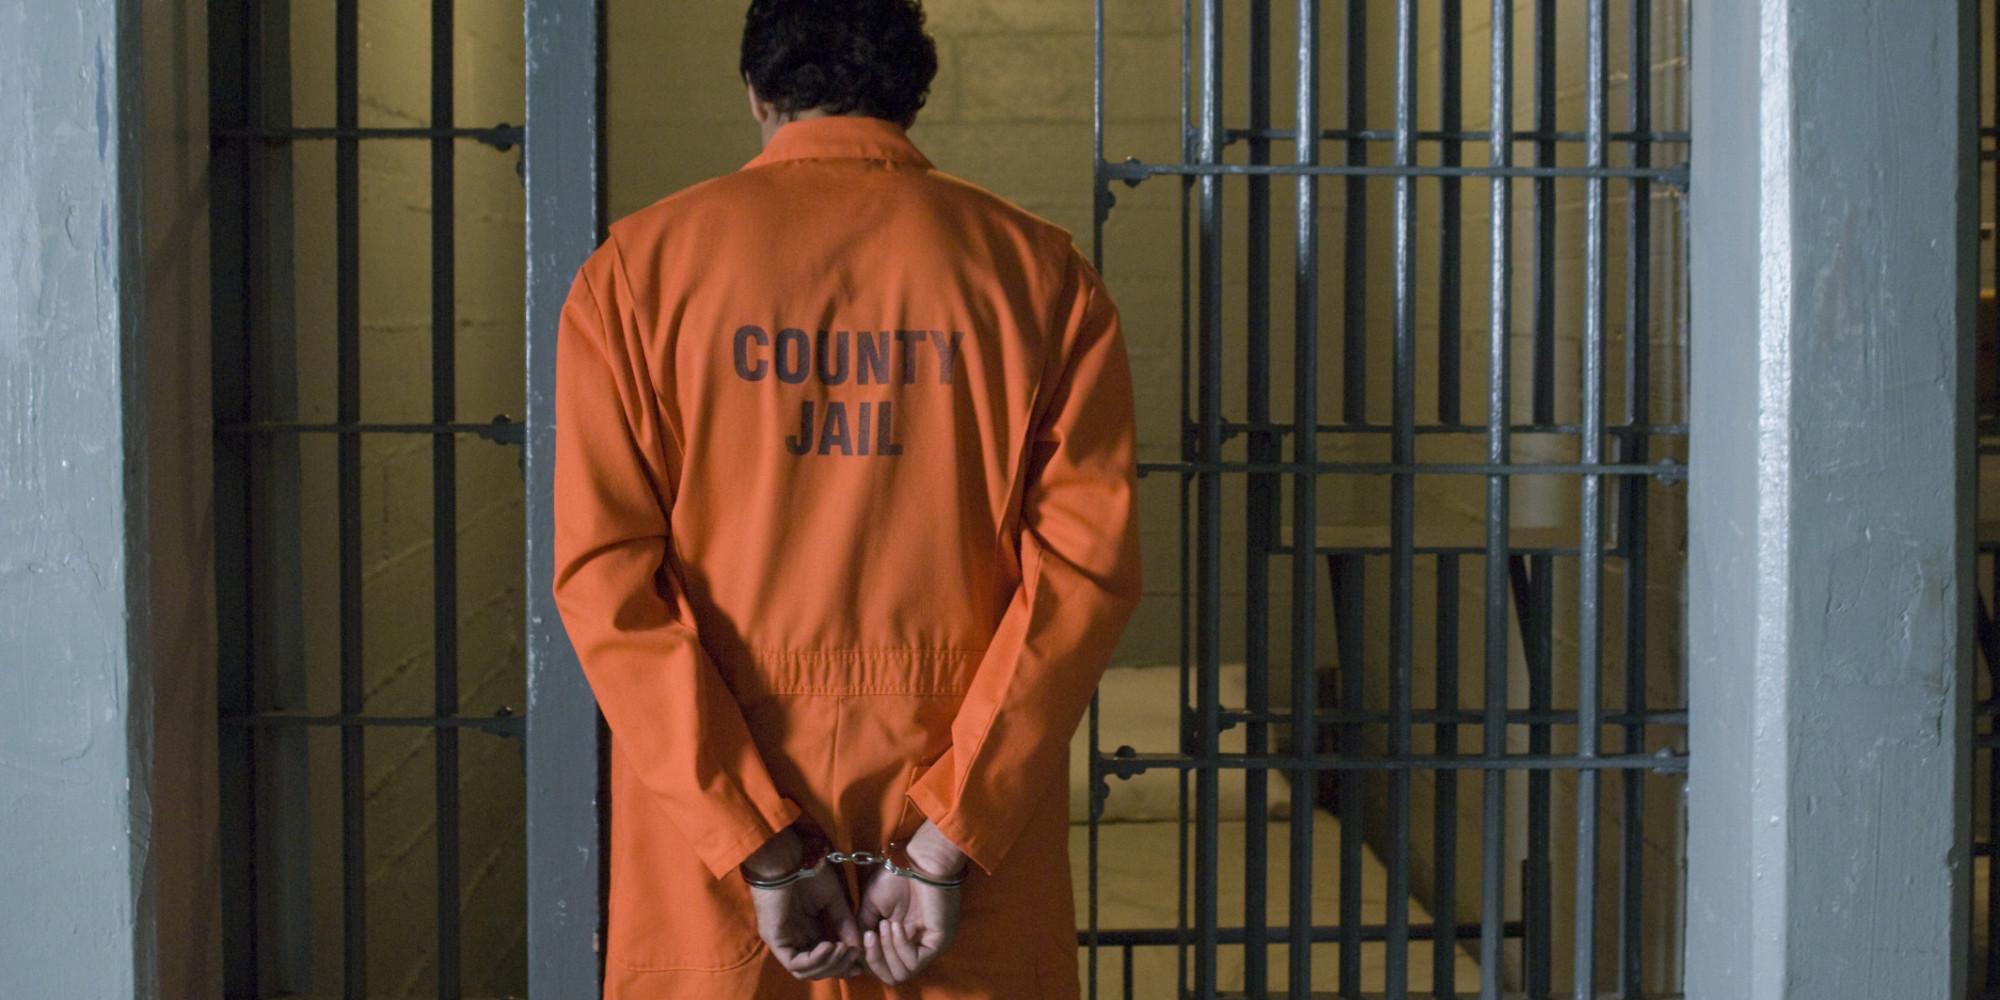 Männer im gefängnis kennenlernen